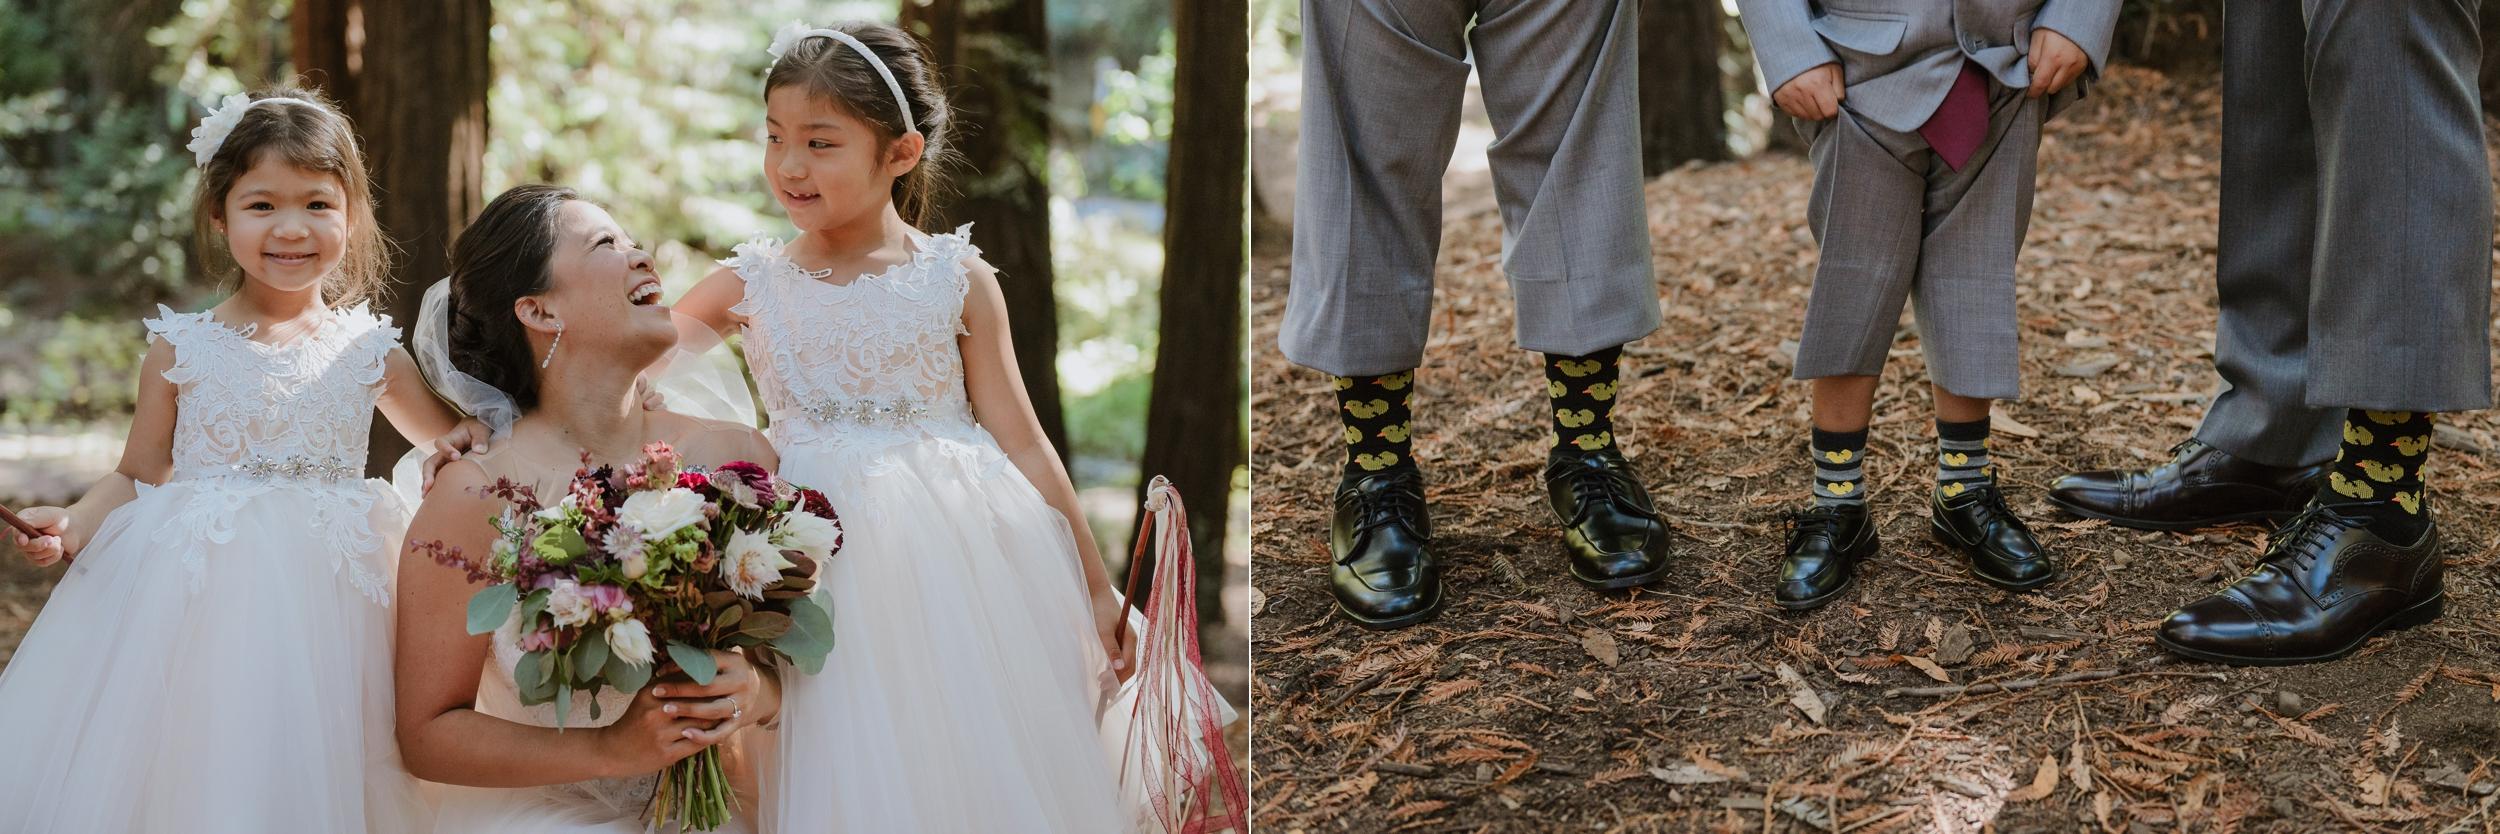 24-old-mill-park-mill-valley-community-center-wedding-vivianchen-438_WEB.jpg